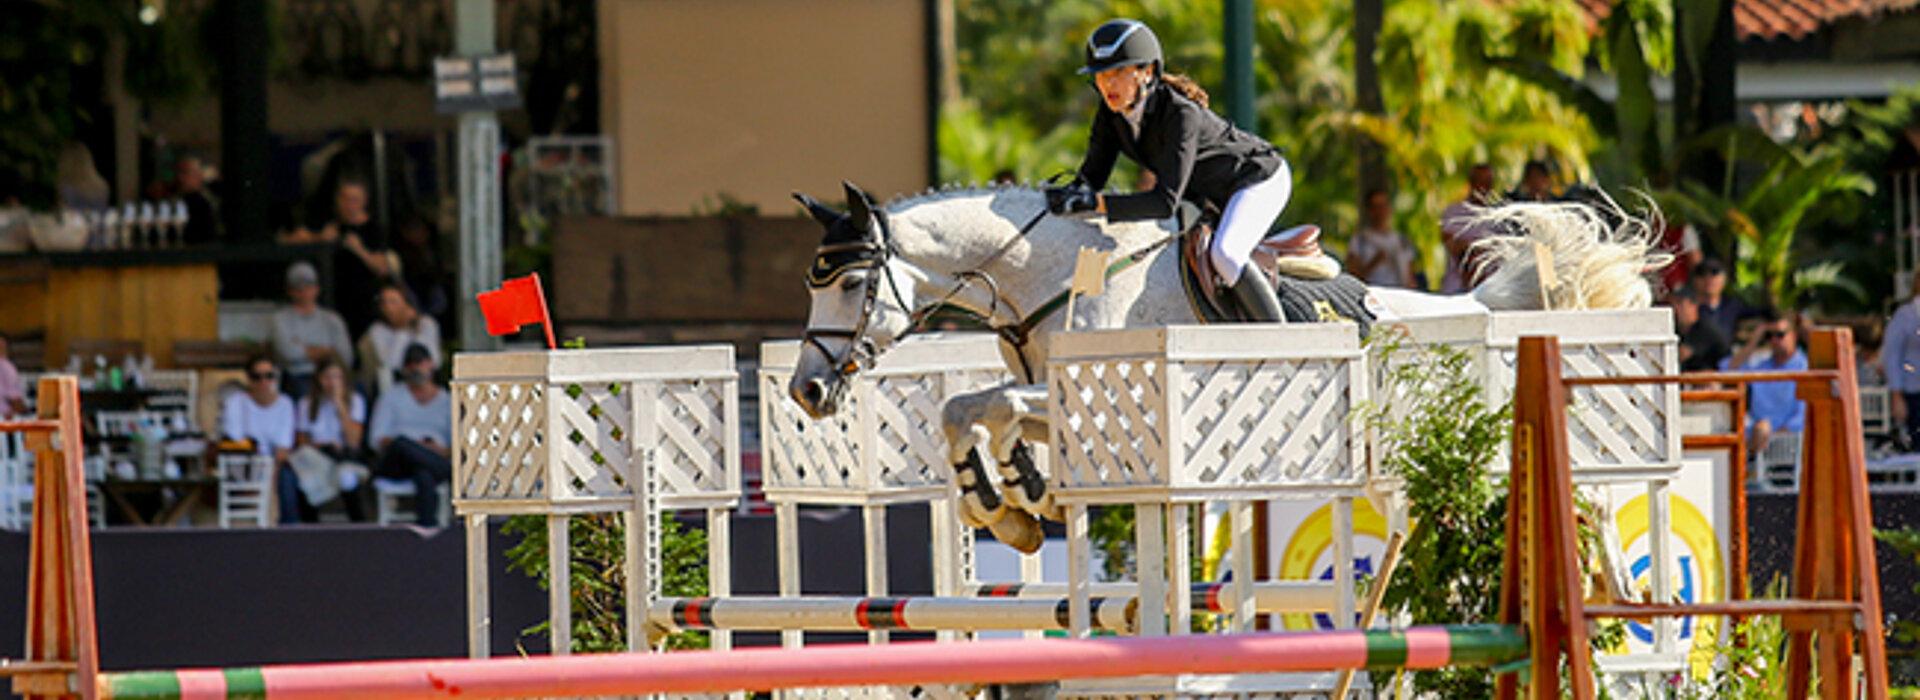 cavalo com amazona salta sobre obstáculos